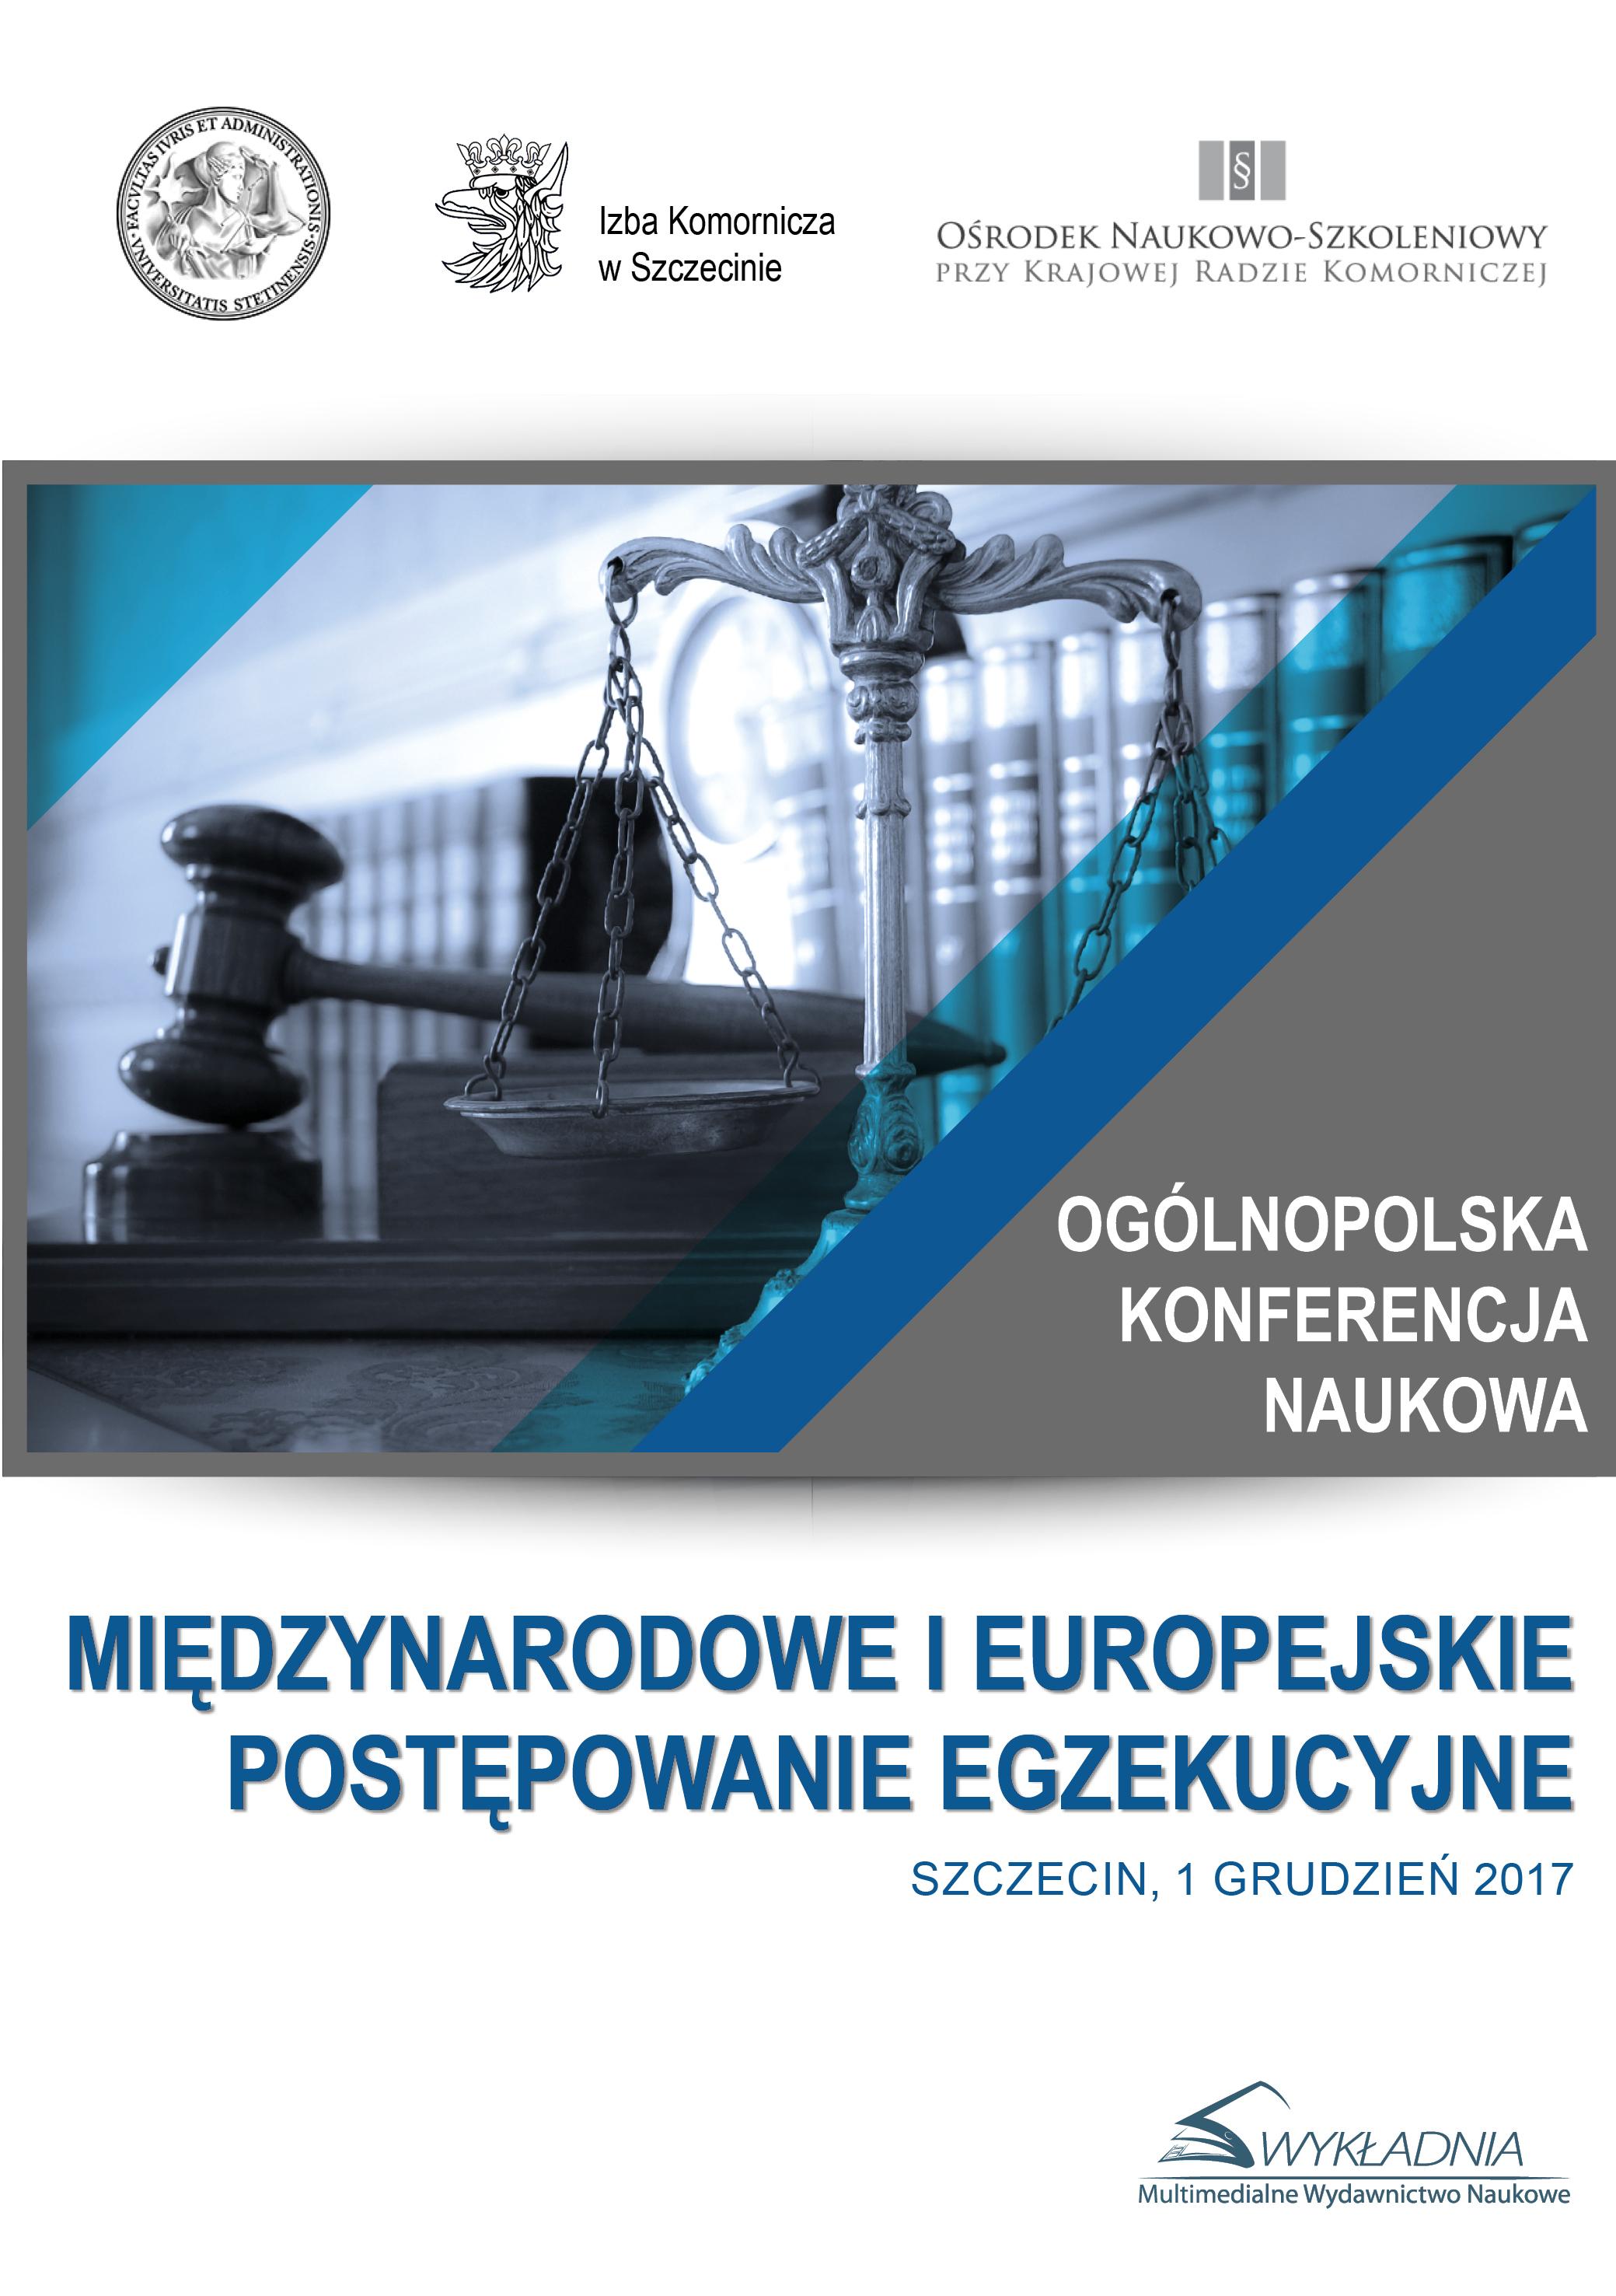 Ogólnopolska Konferencja Naukowa nt. Międzynarodowe i europejskie postępowanie egzekucyjne - materiał